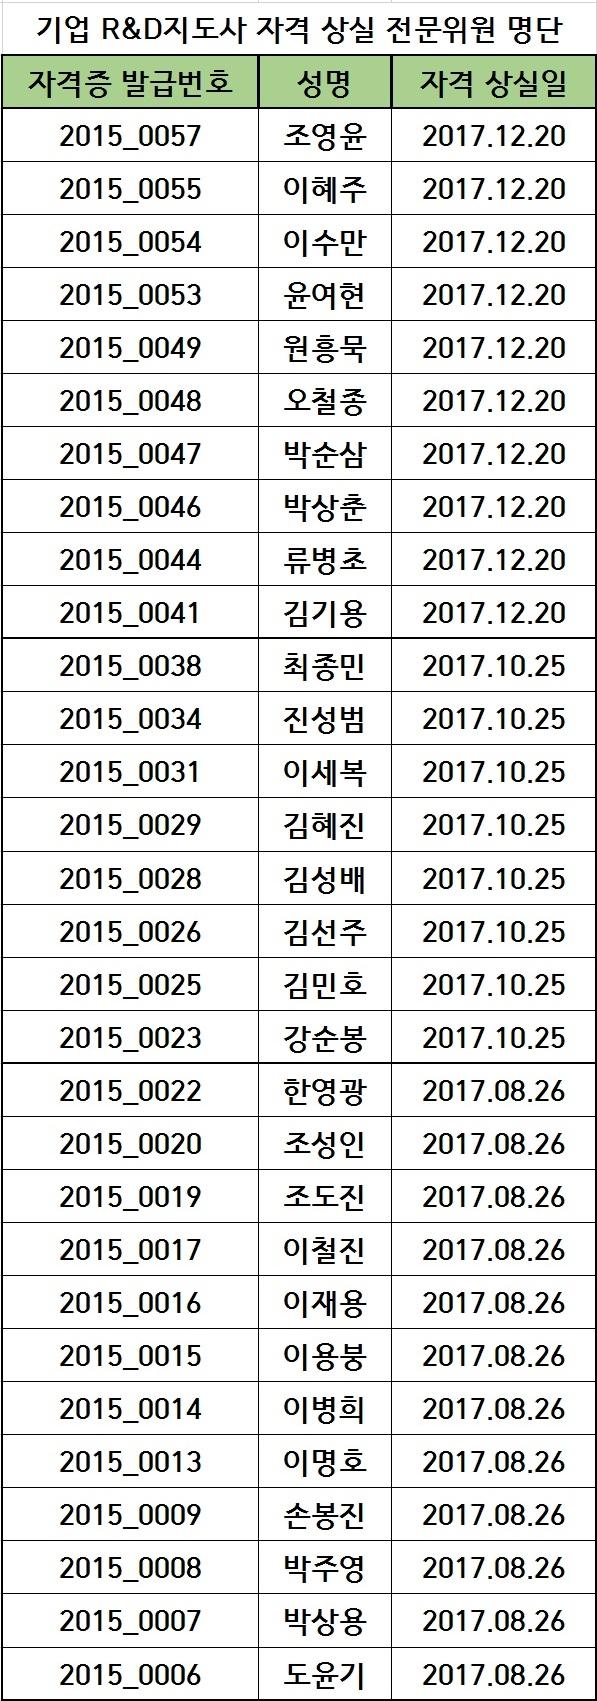 2017년도 기업 R&D지도사 자격 상실 전문위원 명단(20.04.22)